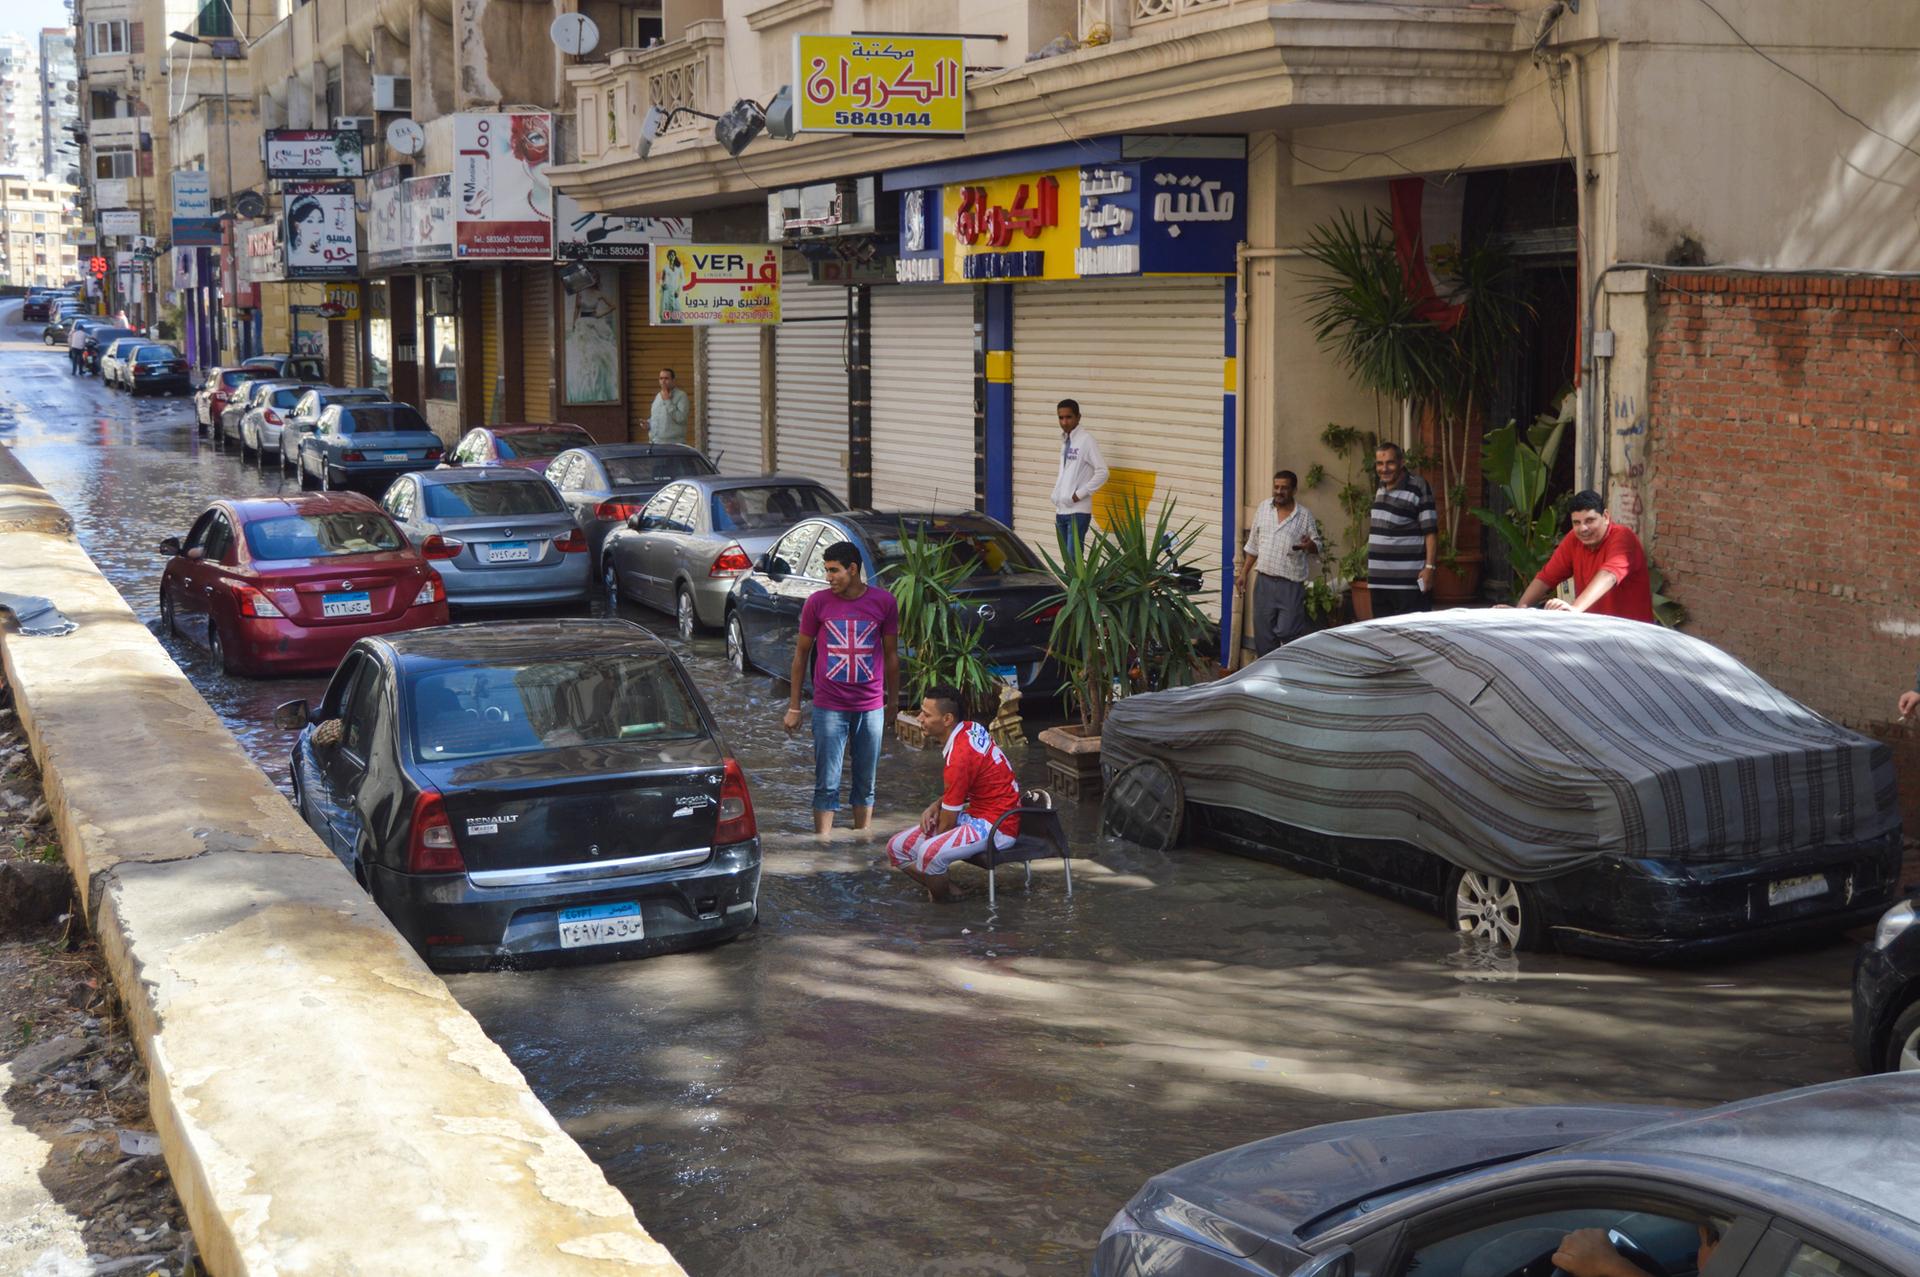 פוטו ערים שוקעות אלכסנדריה מצרים